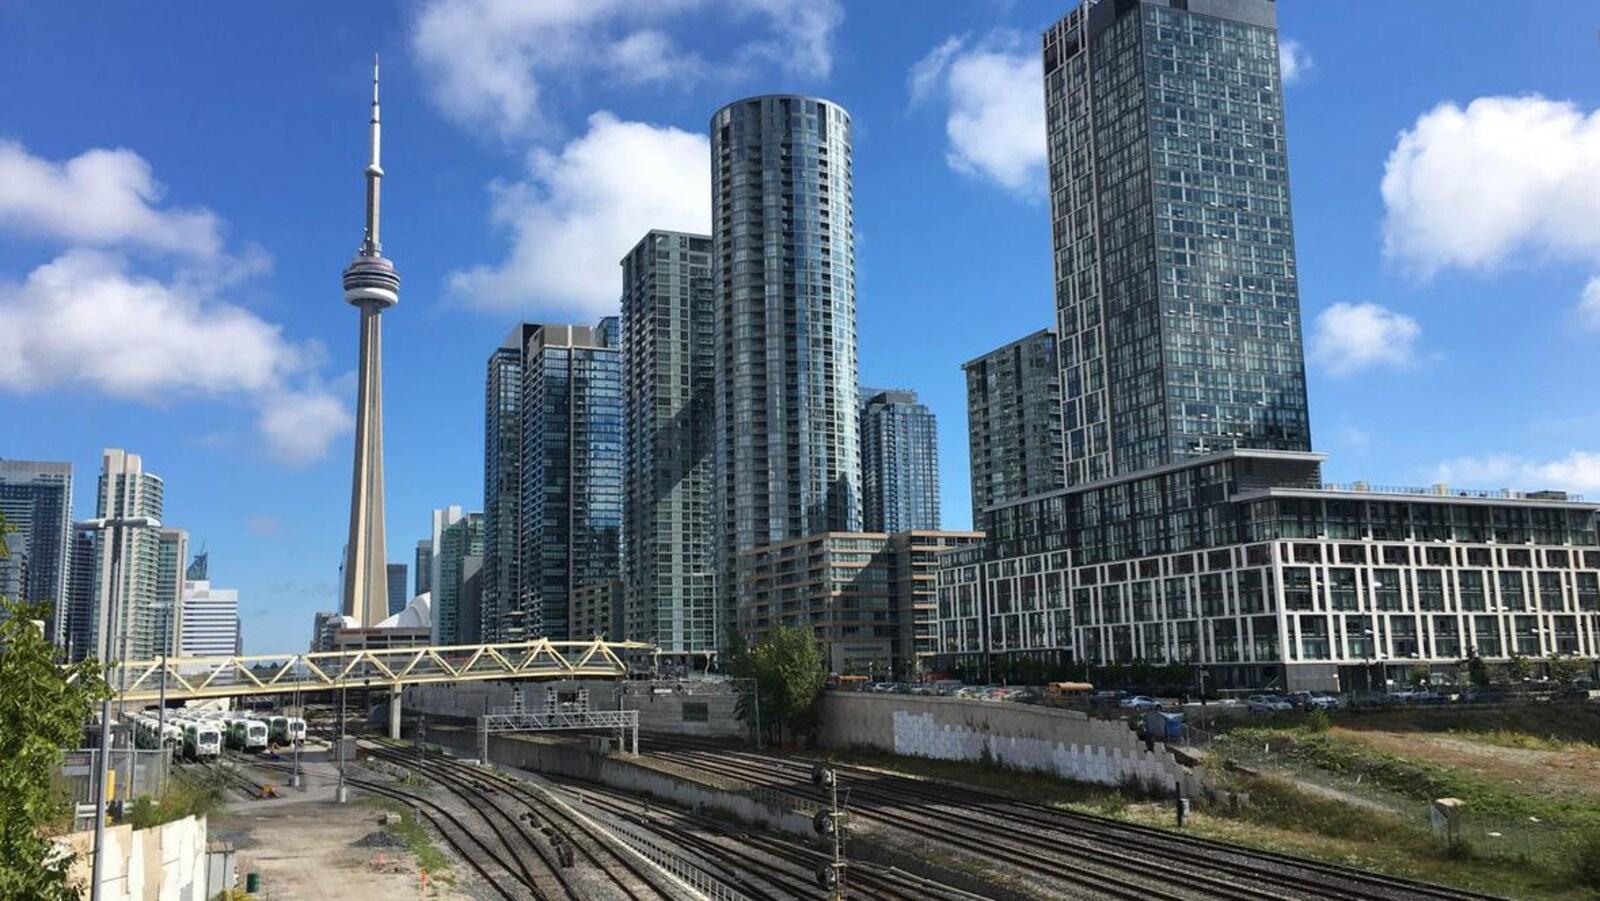 Des voies ferrées et la Tour CN